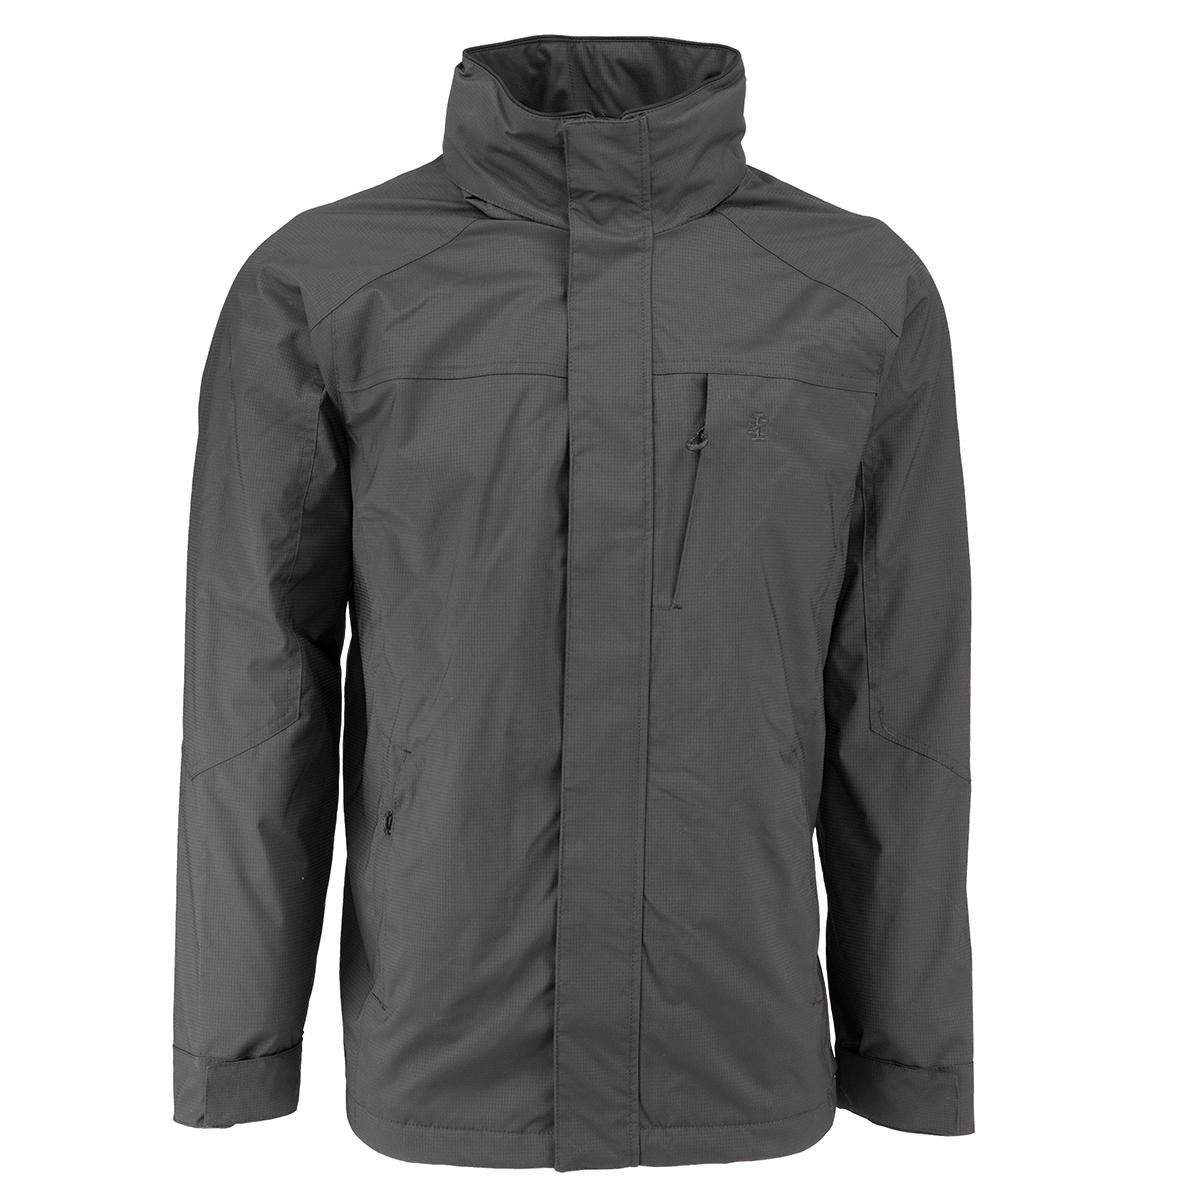 IZOD-Men-039-s-Midweight-Polar-Fleece-Lined-Jacket thumbnail 13